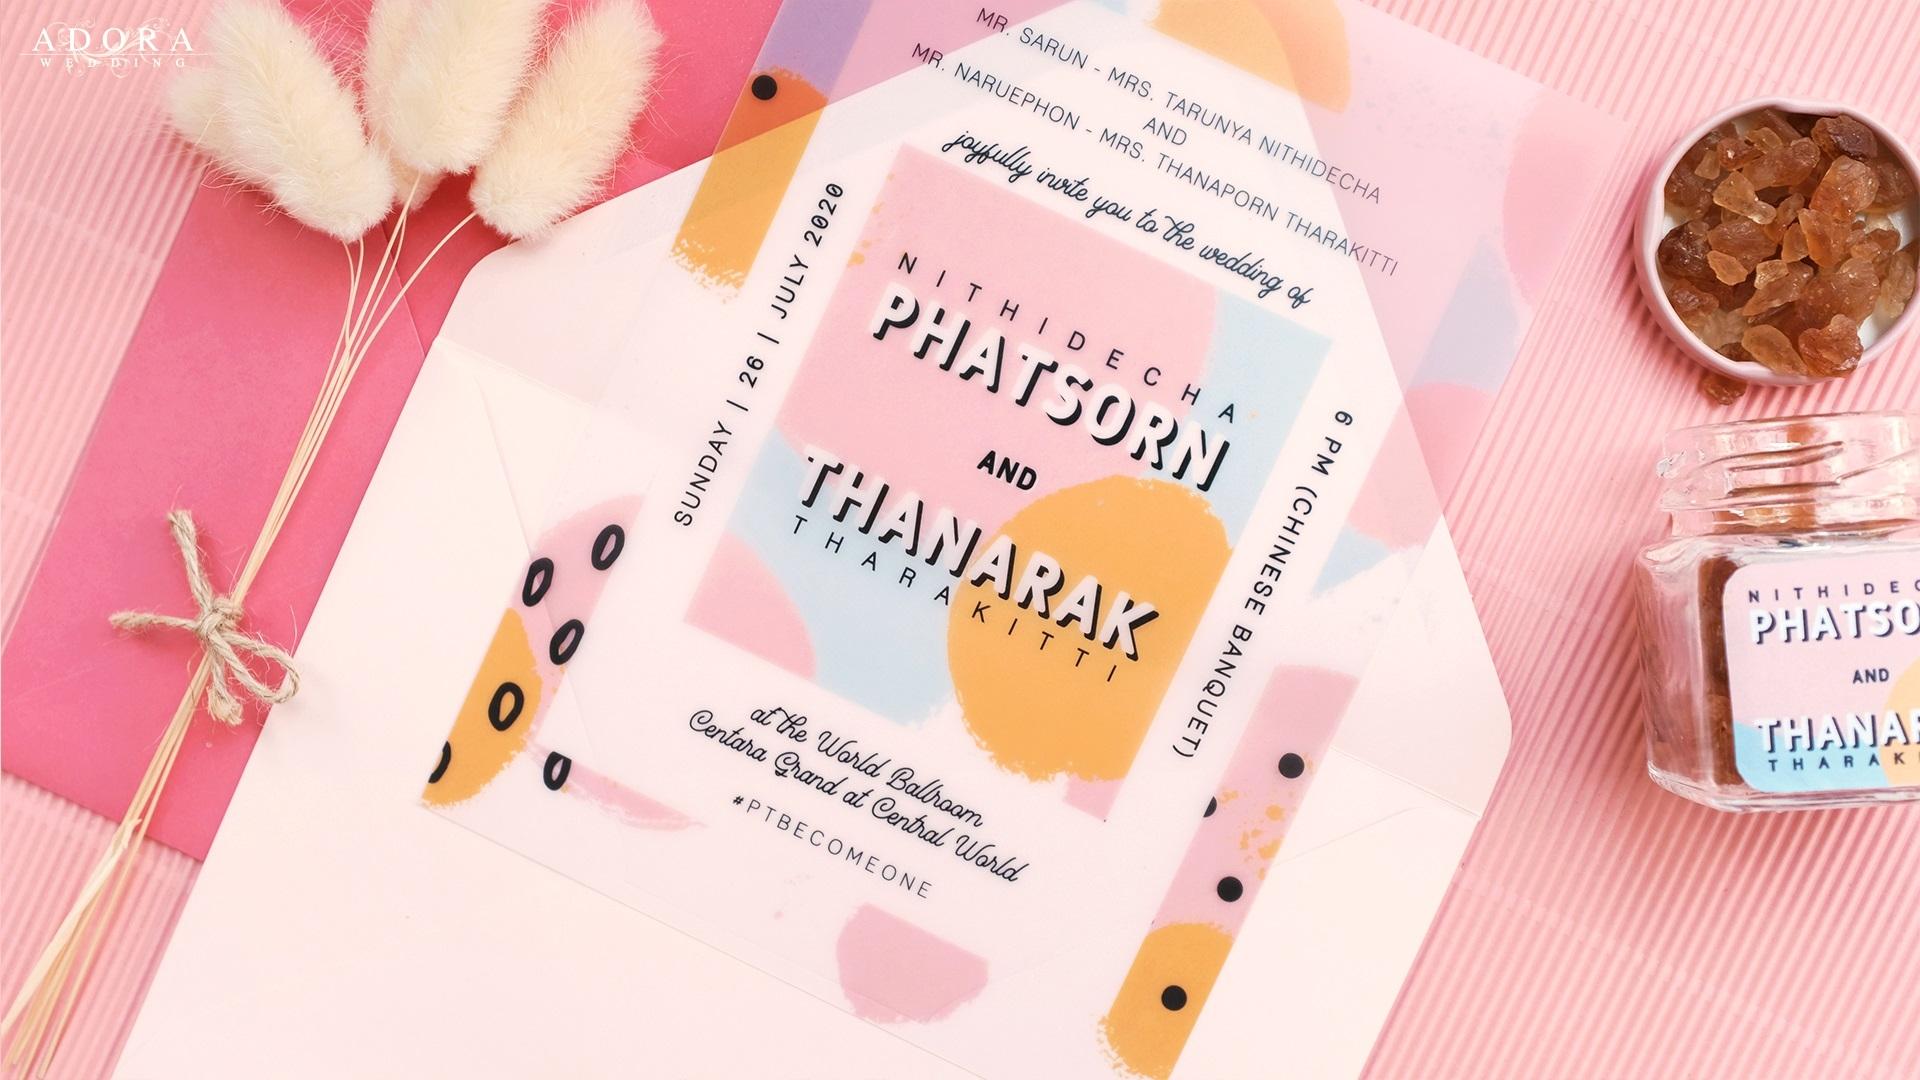 Portfolio B119LM การ์ดแต่งงานแบบใสพิมพ์สี พร้อม ของชำร่วย น้ำตาลกรวด